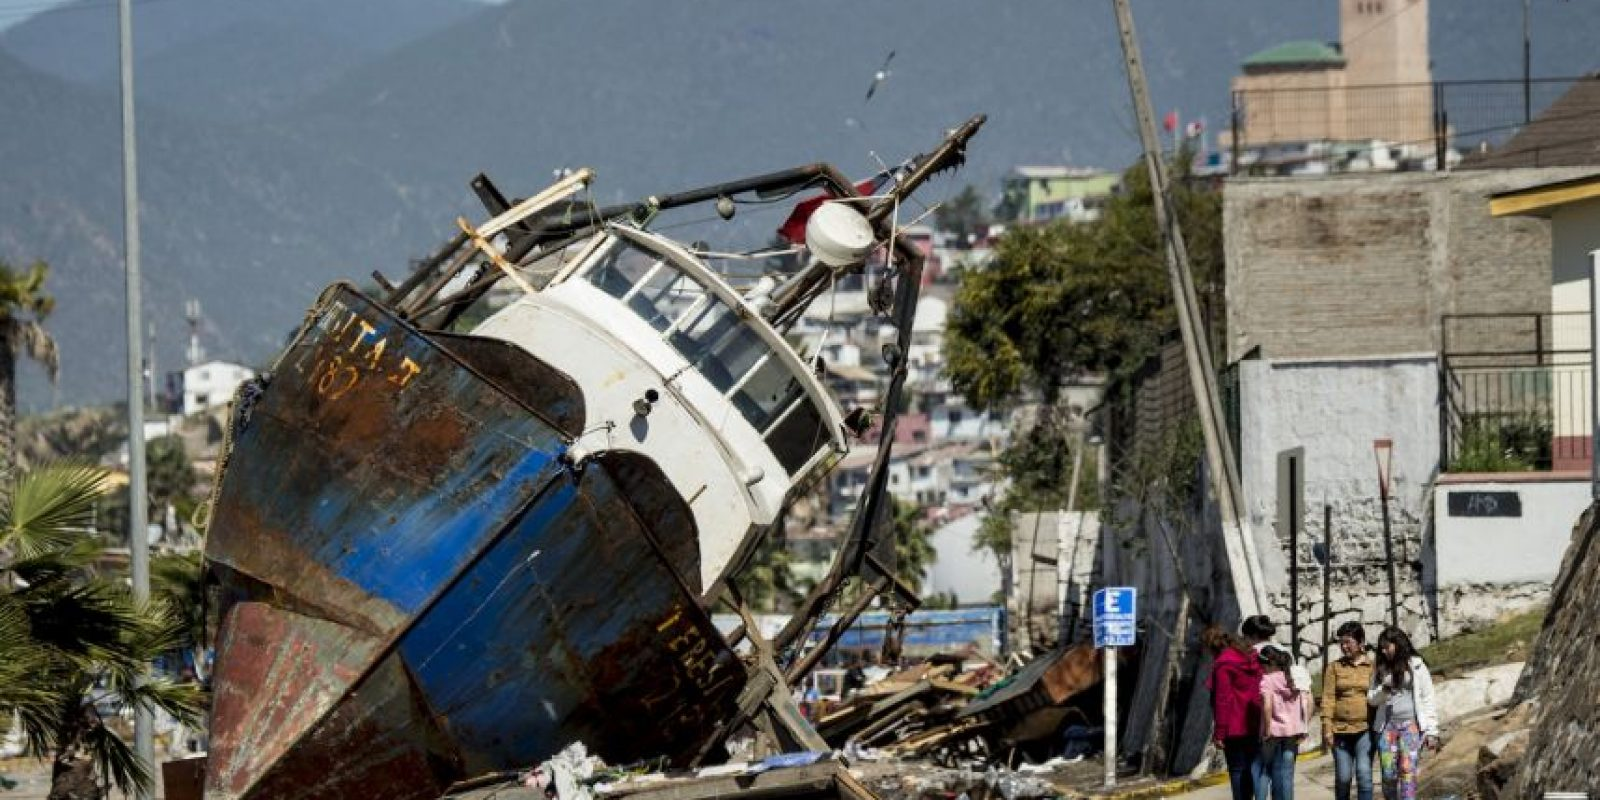 Facebook habilitó una función para que los chilenos reporten a sus contactos que se encuentran bien Foto:AFP